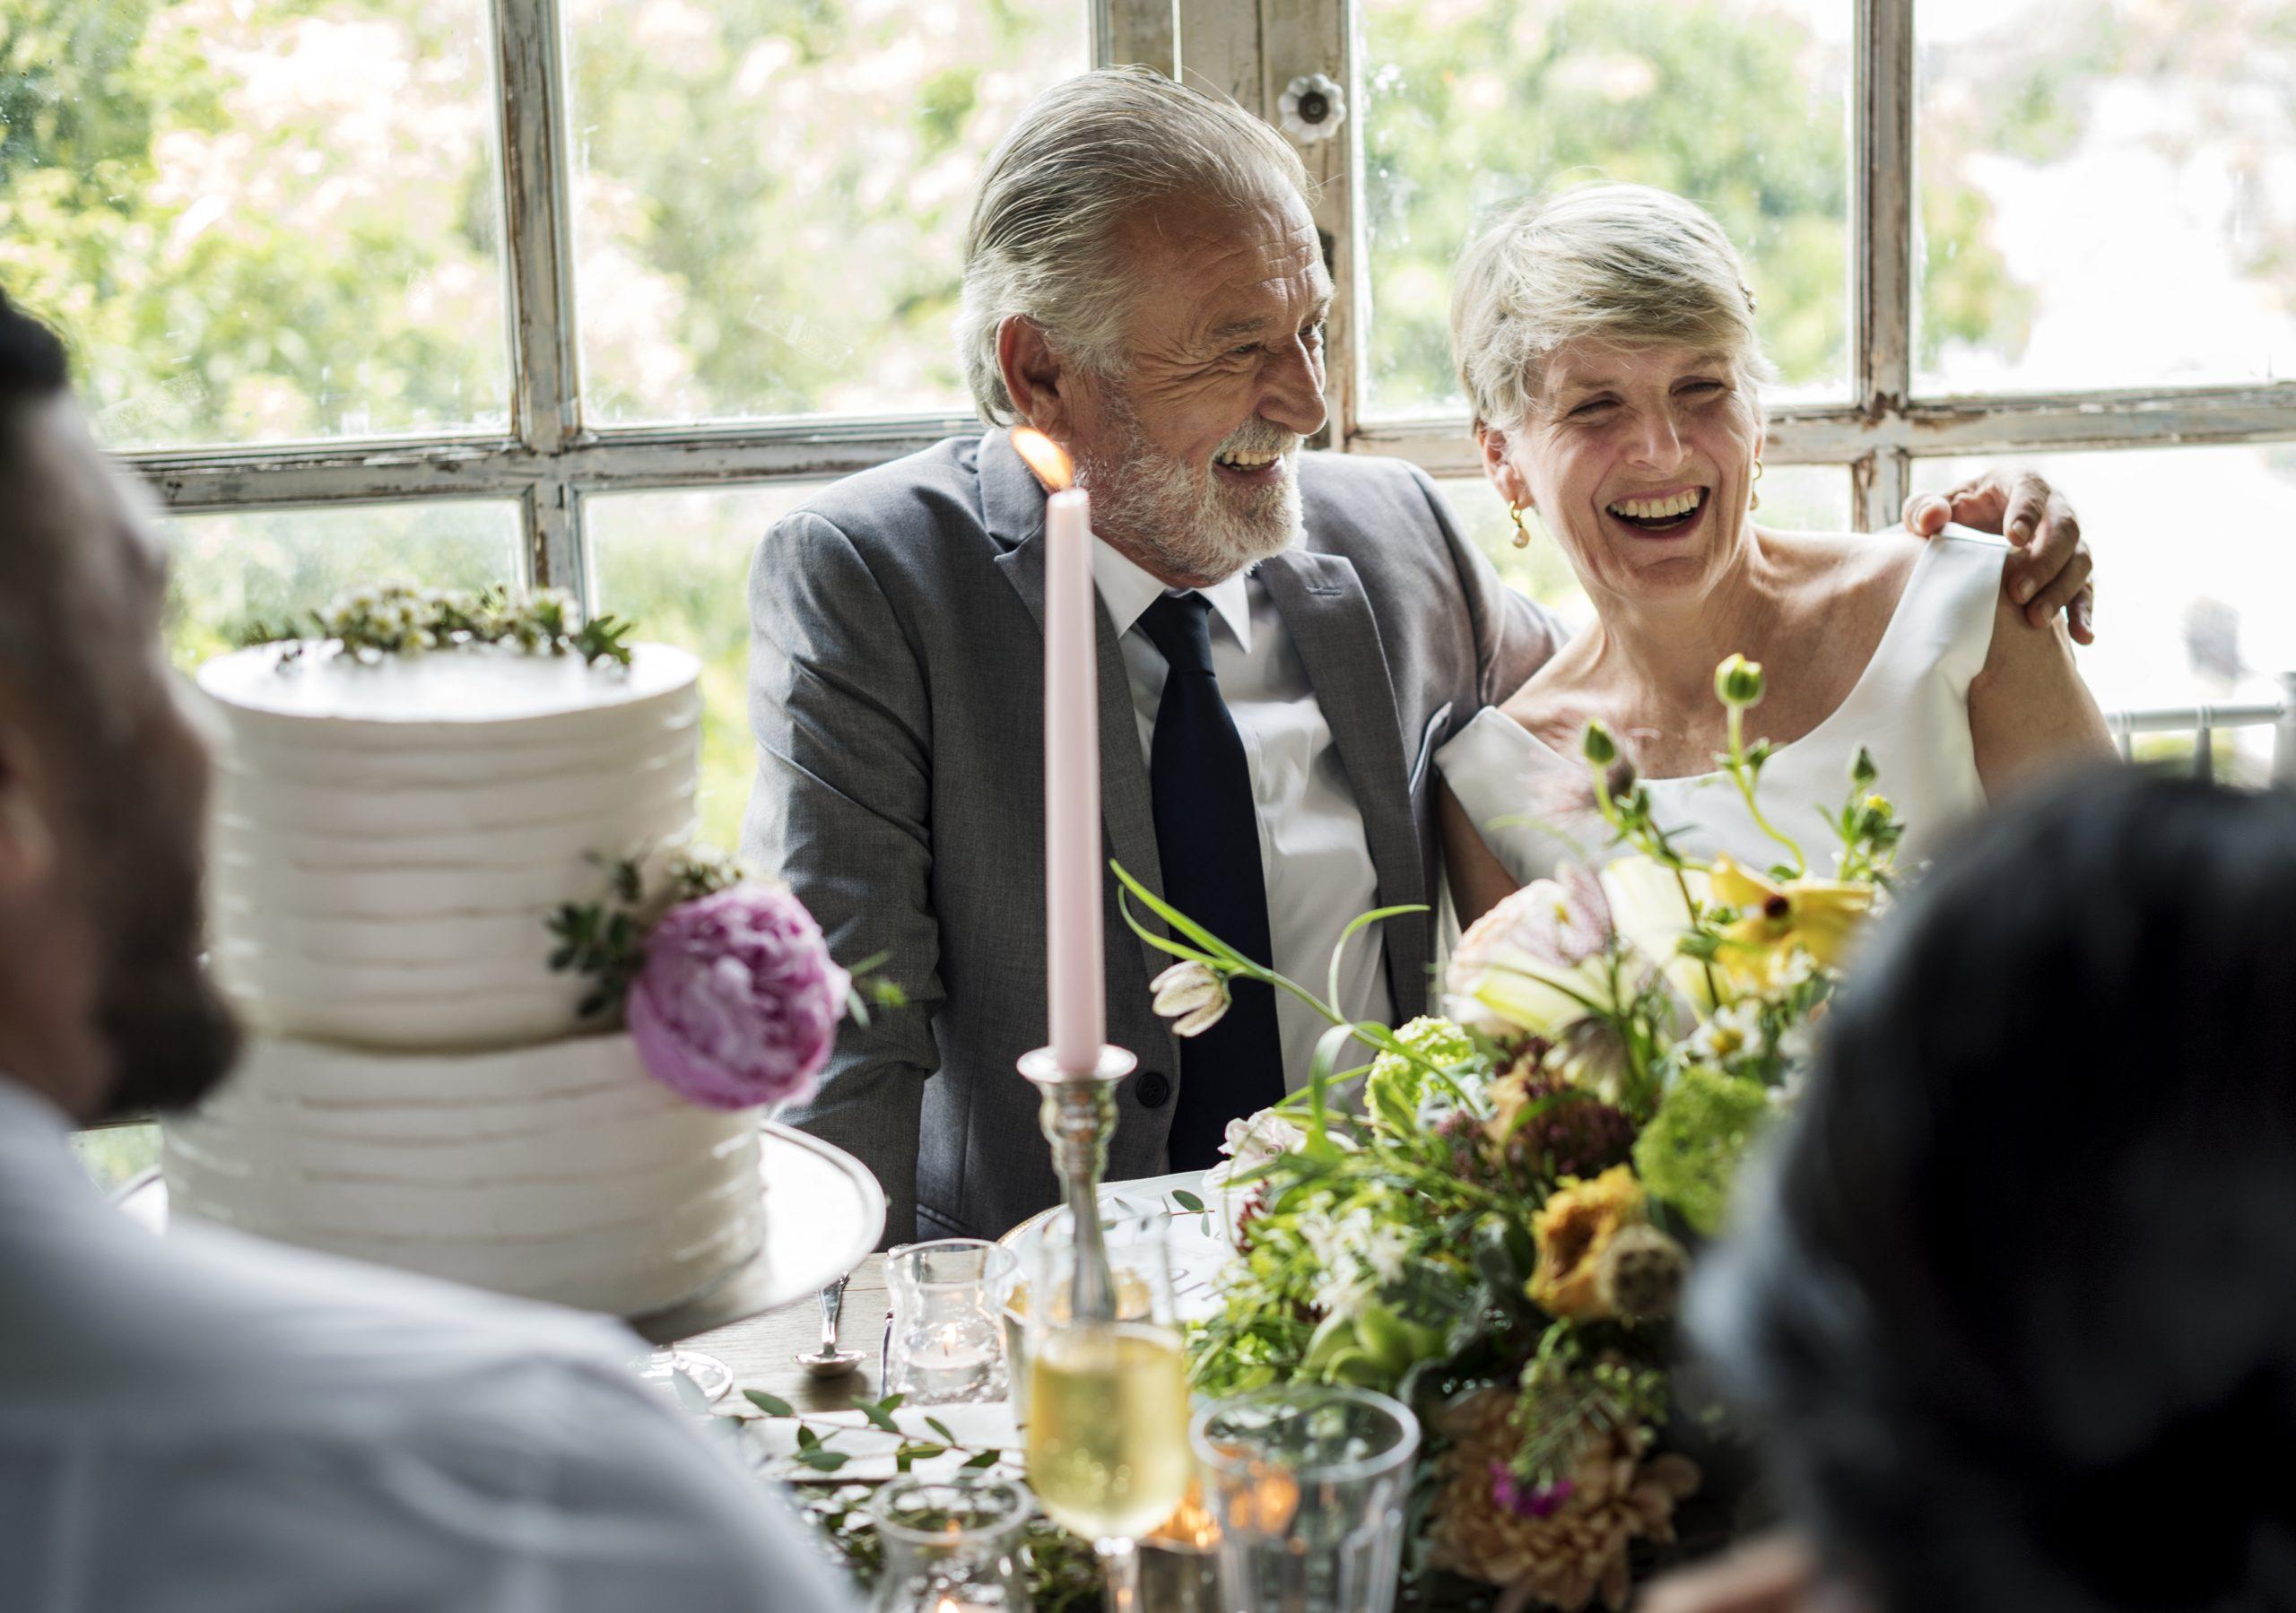 Nochmal heiraten: Wie läuft die Erneuerung des